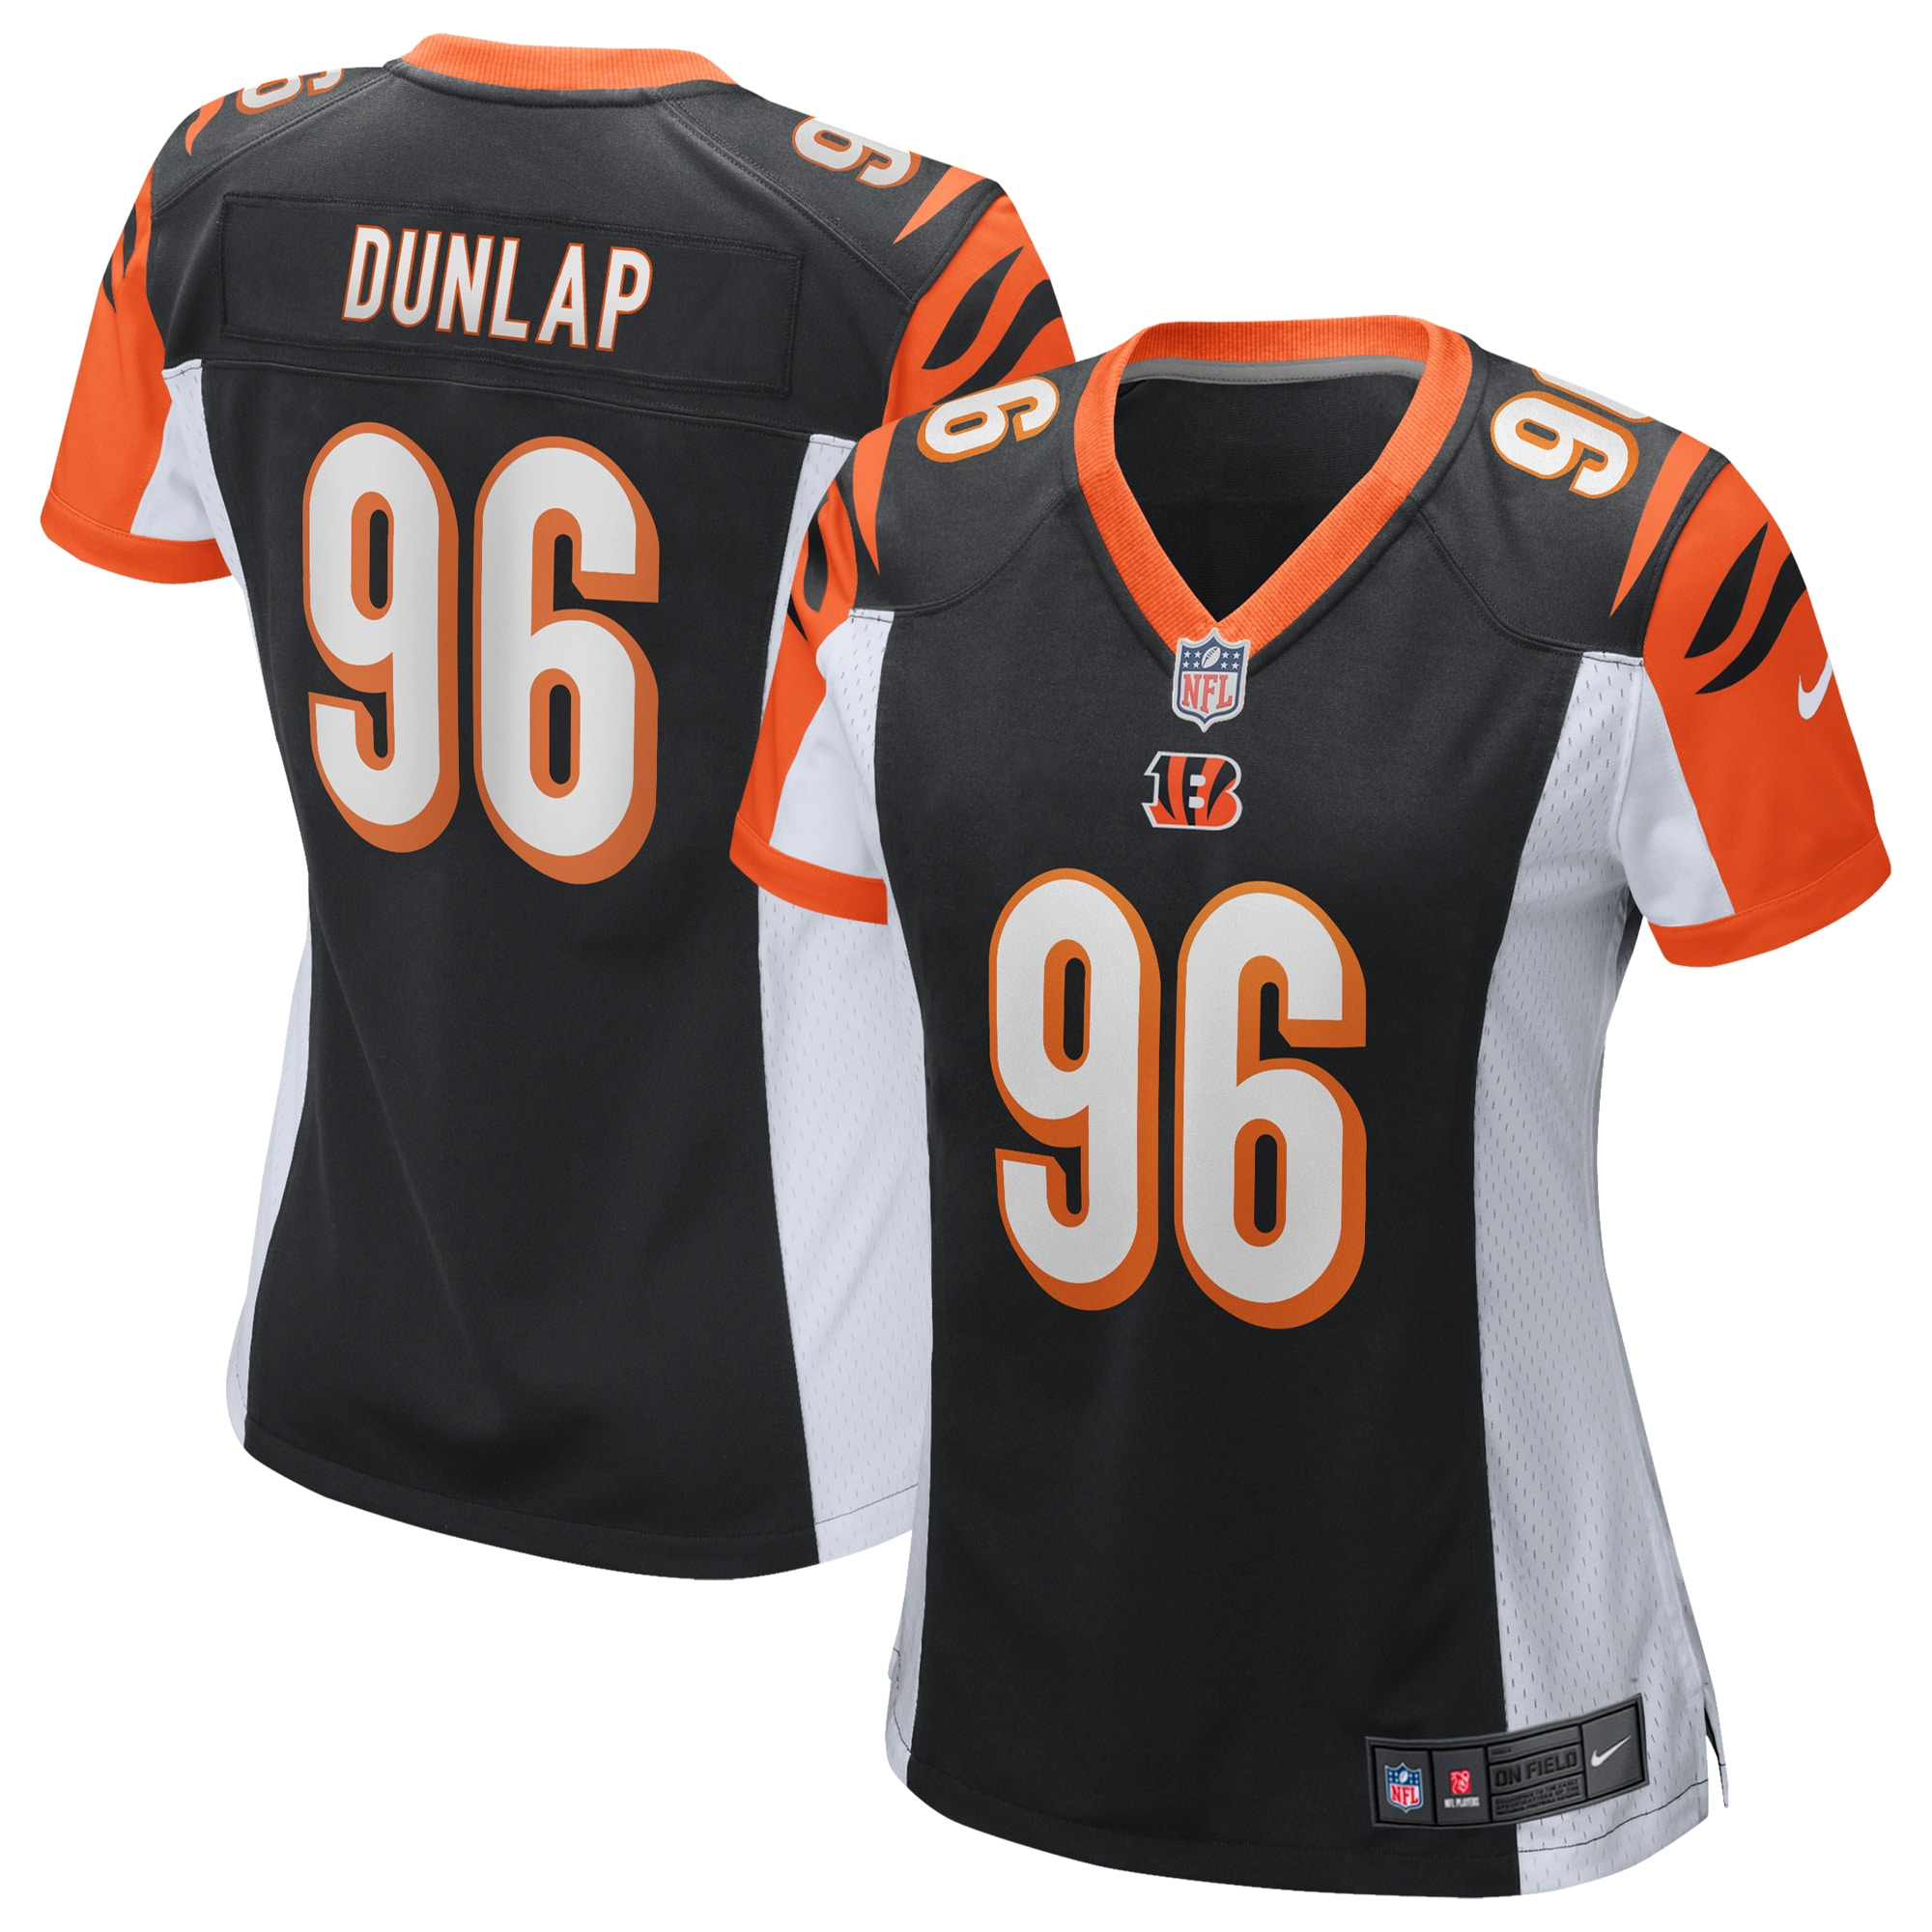 Carlos Dunlap Cincinnati Bengals Nike Women's Game Jersey - Black - Walmart.com